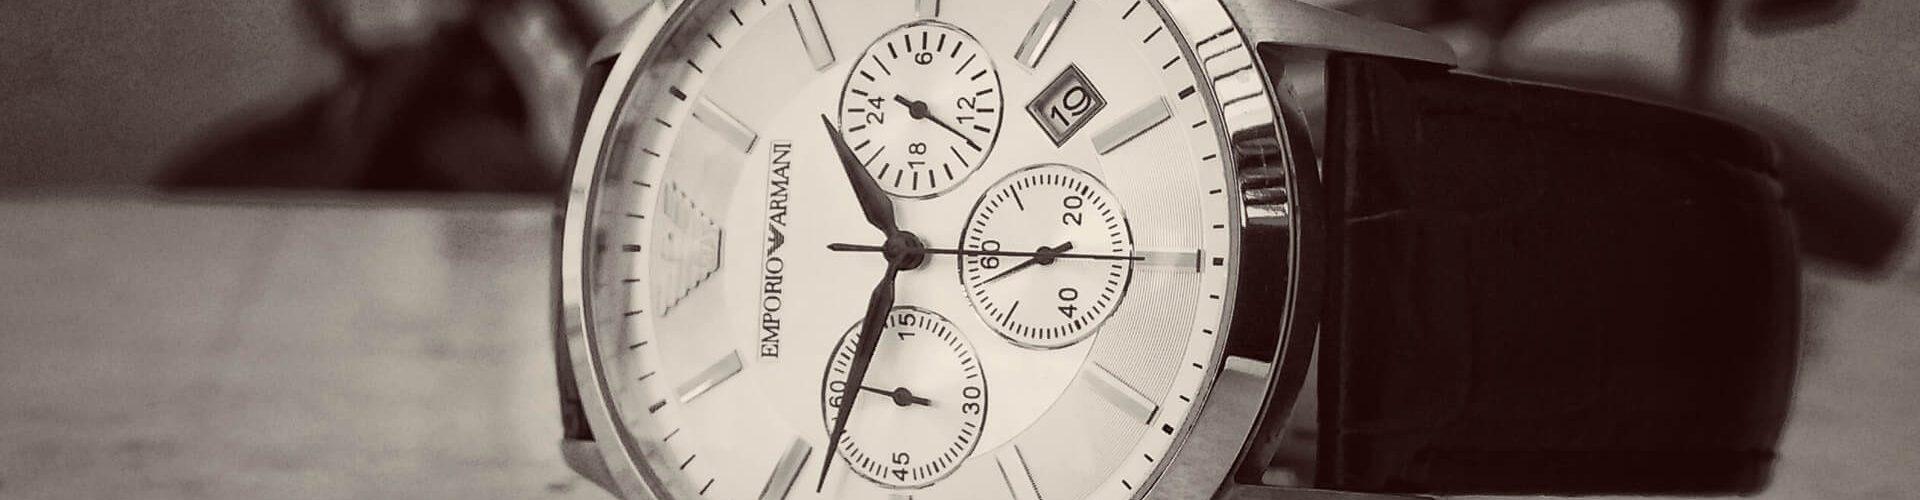 befristete Arbeitsverträge: Uhr auf einem Tisch